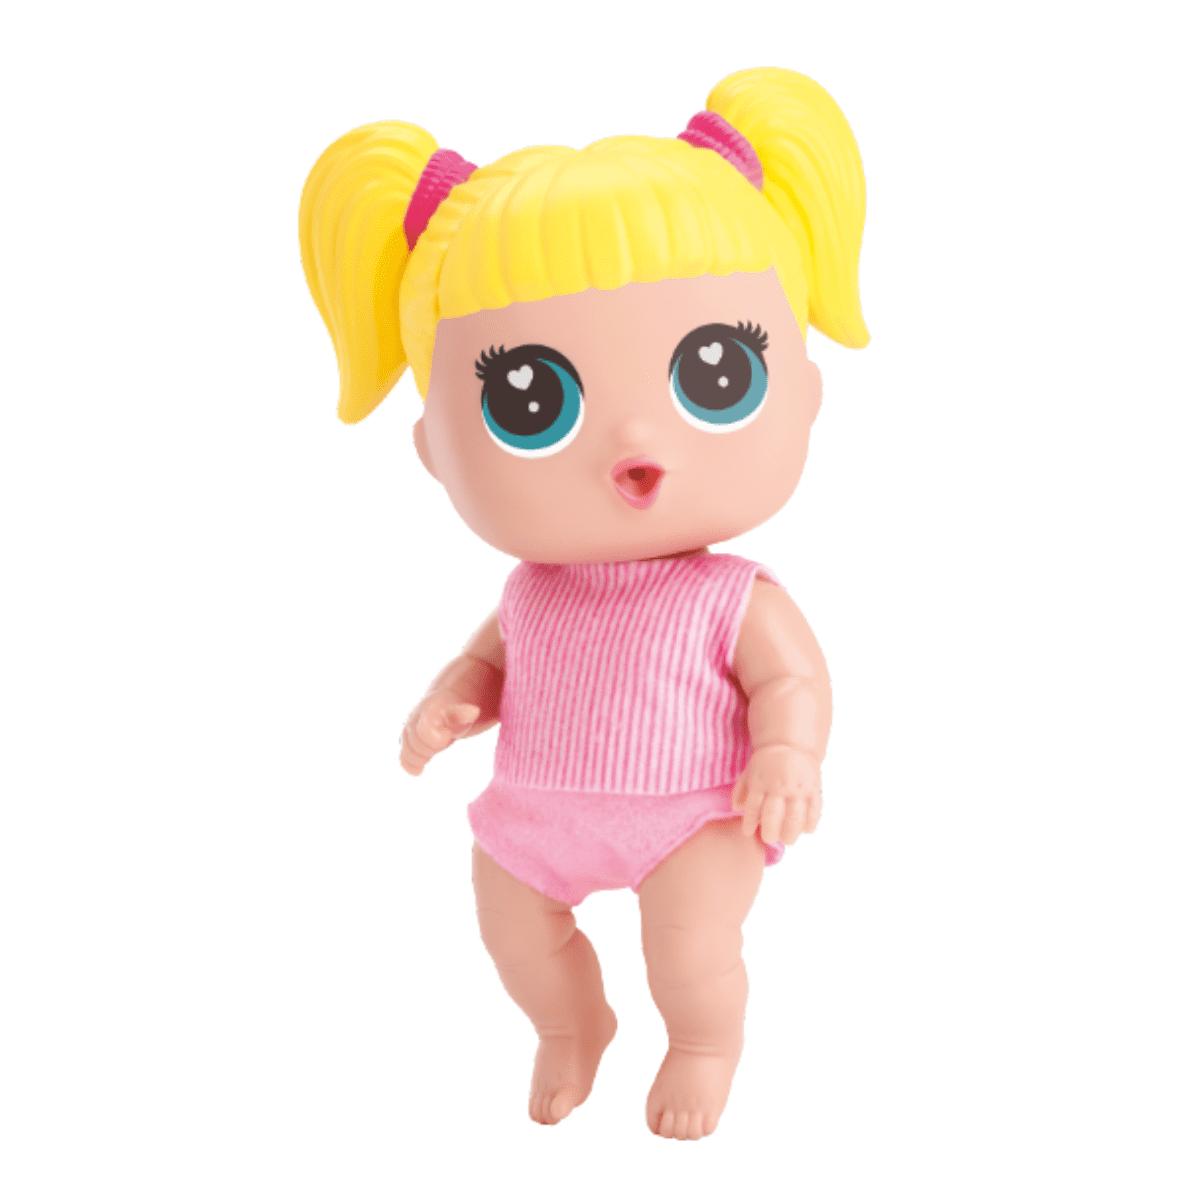 Boneca Infantil Com Acessorios Baby Buddies Bag Passeio - Bambola